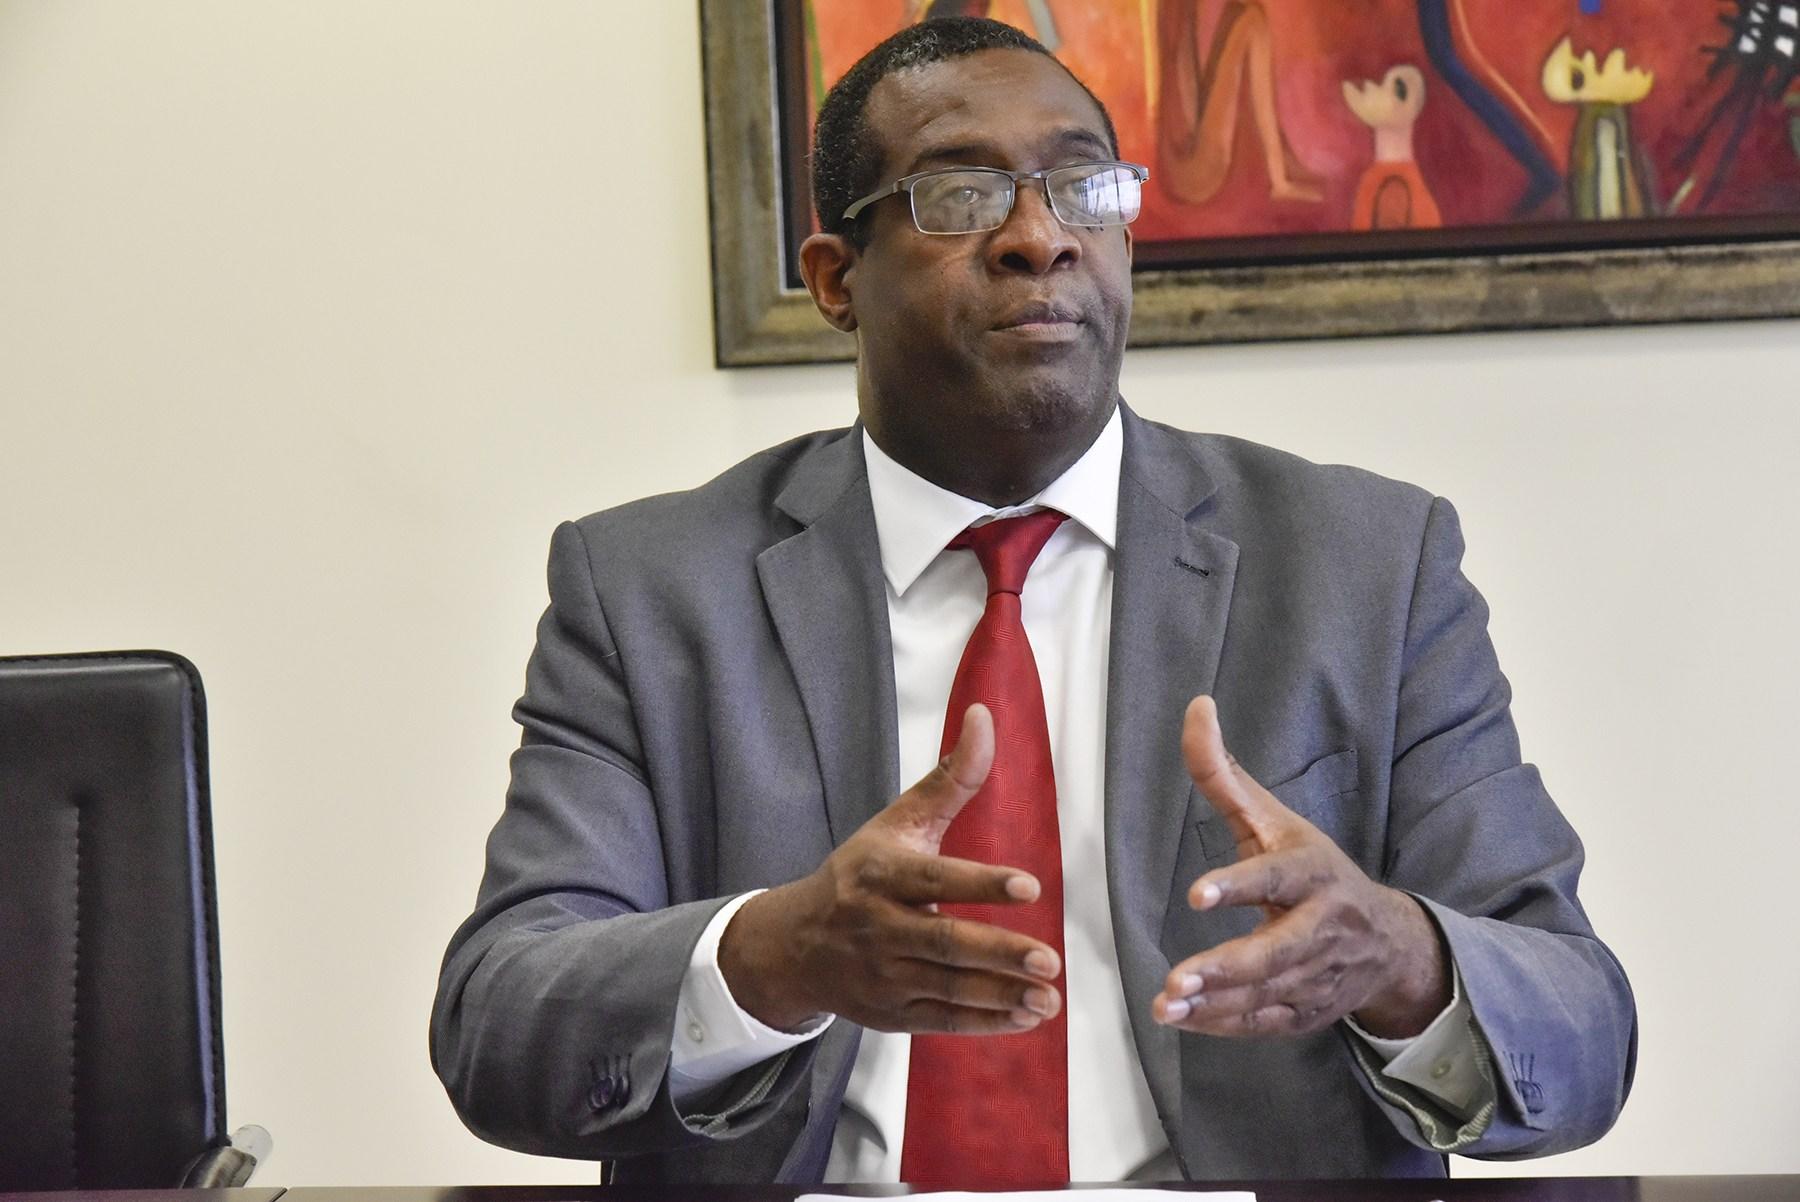 Situación política y protestas impactan negativamente economía en RD, según experto